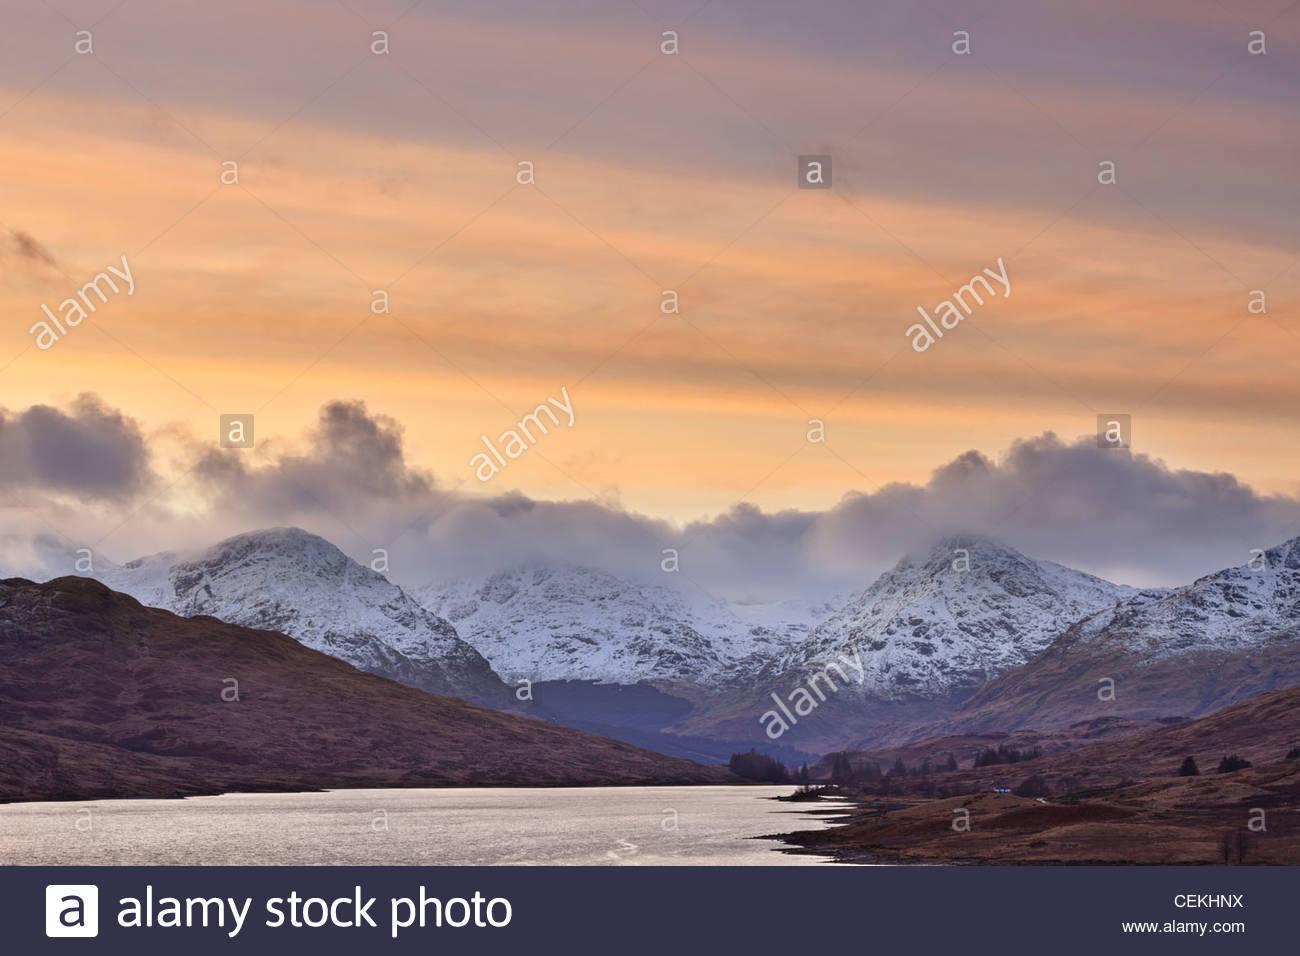 Loch Arklet und den Arrochar Alpen, Loch Lomond und Trossachs National Park, Bezirk Stirling, Schottland Stockbild